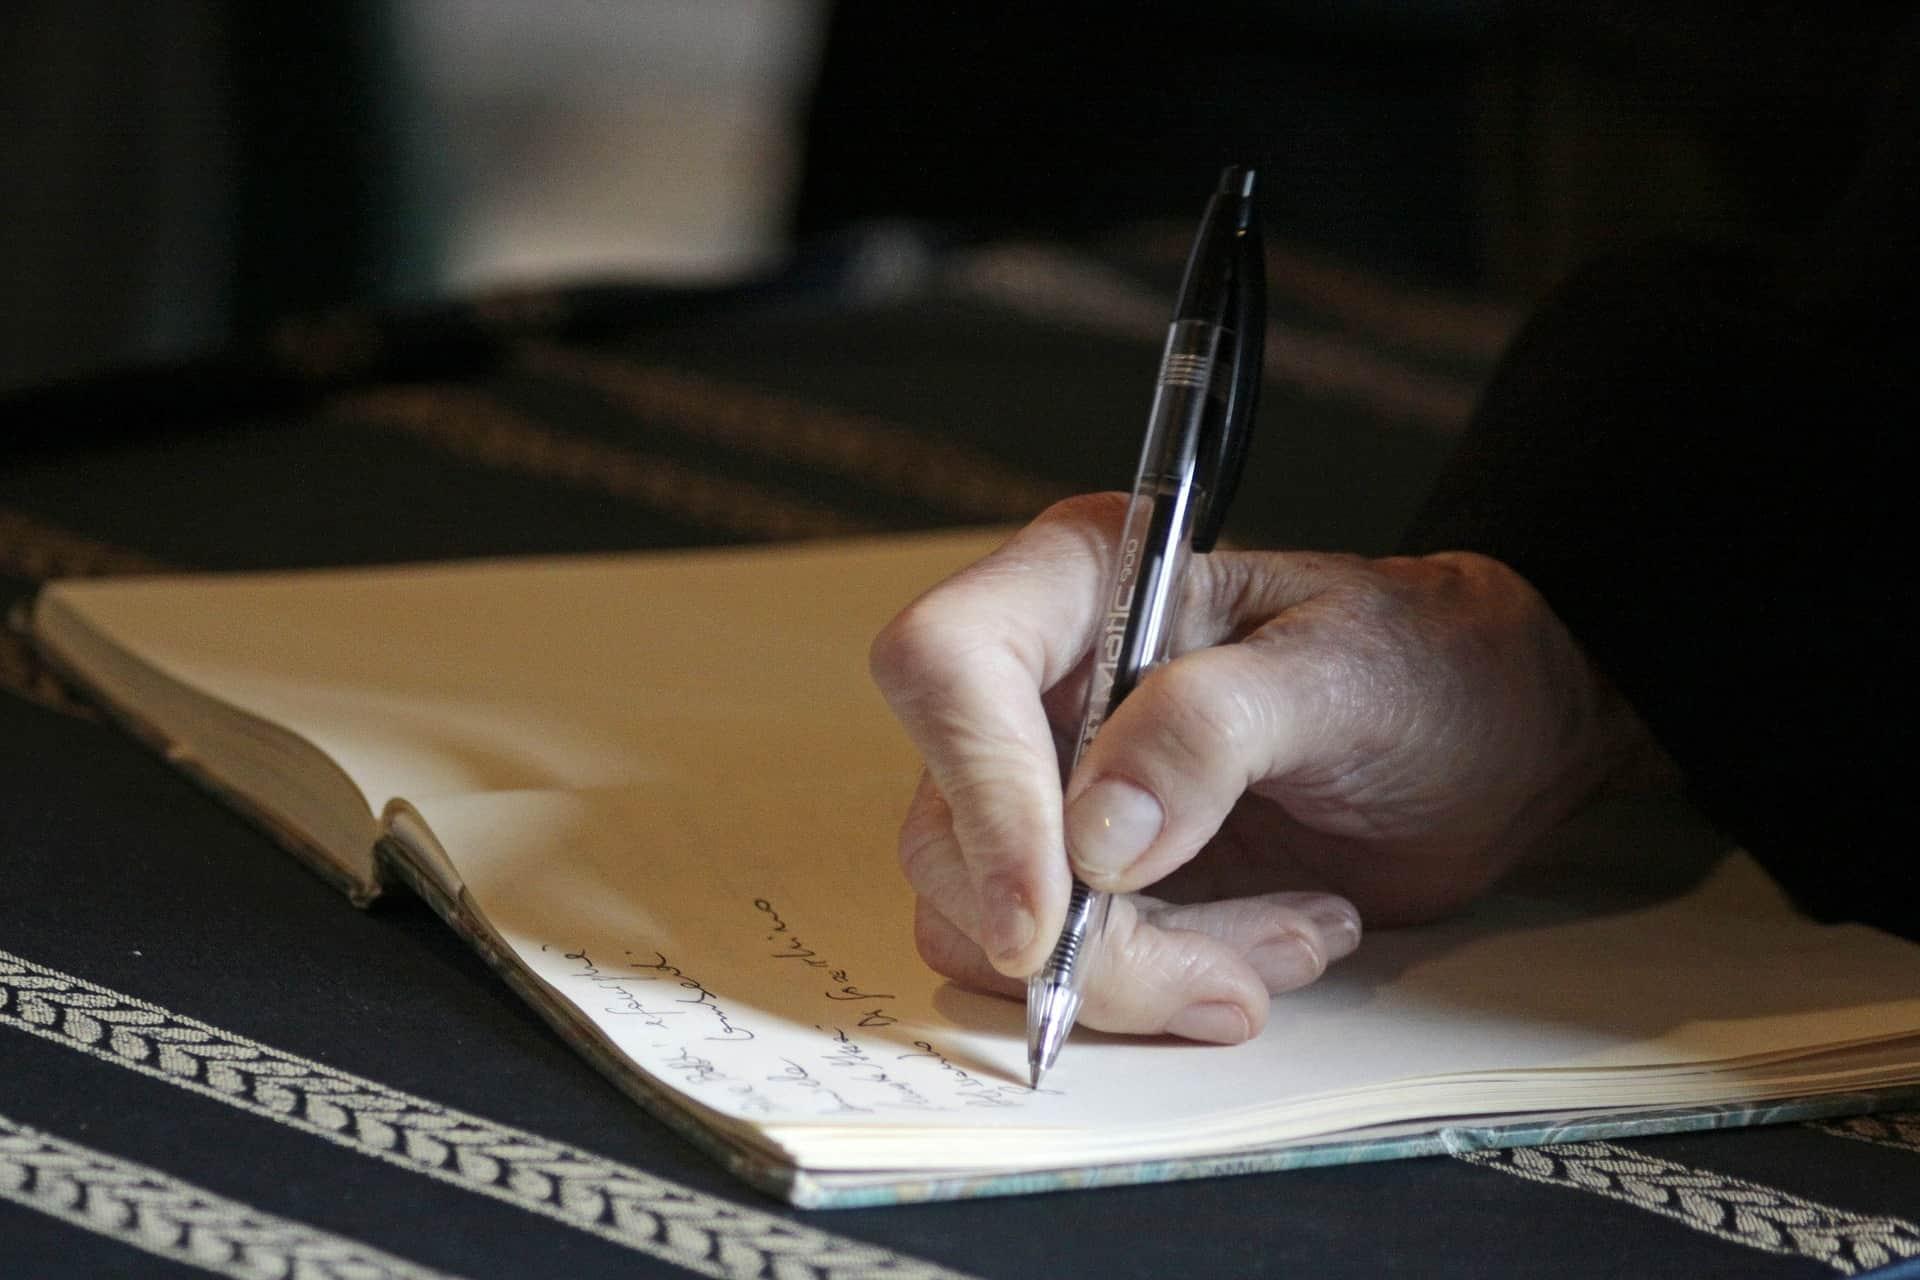 notatki, ktoś coś zapisuje